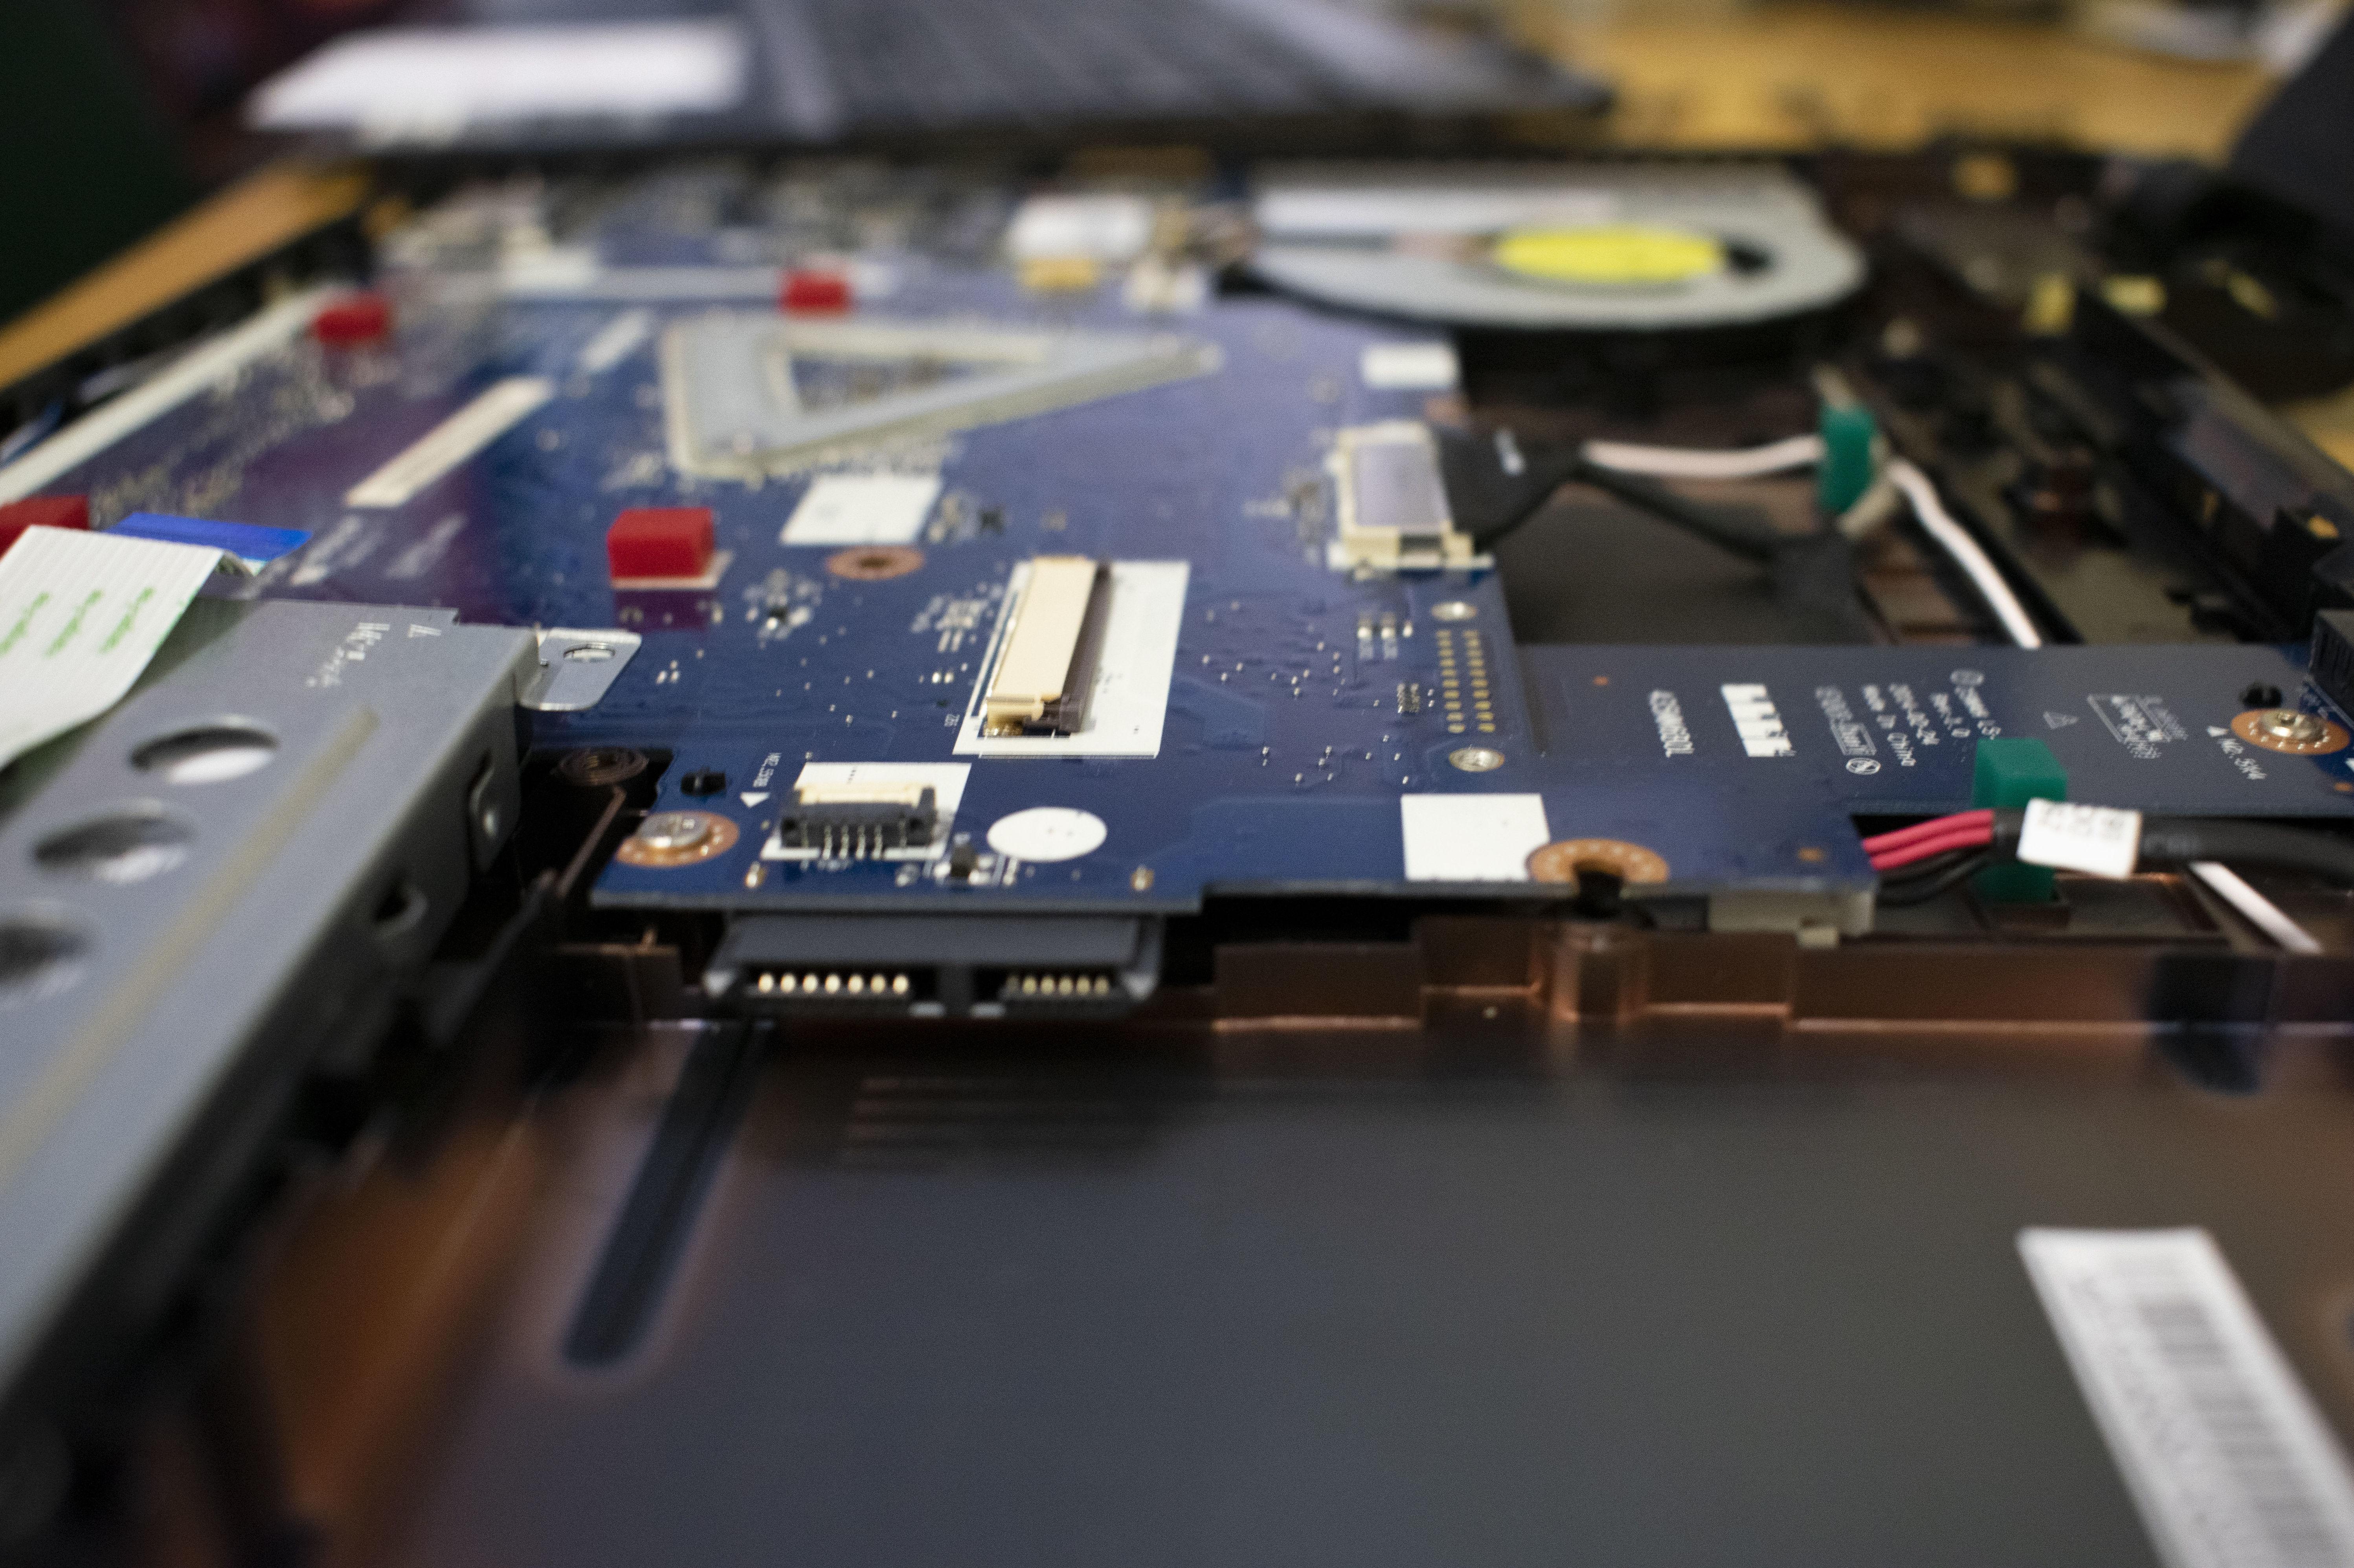 Reparación de teclados informatica Ecoservei